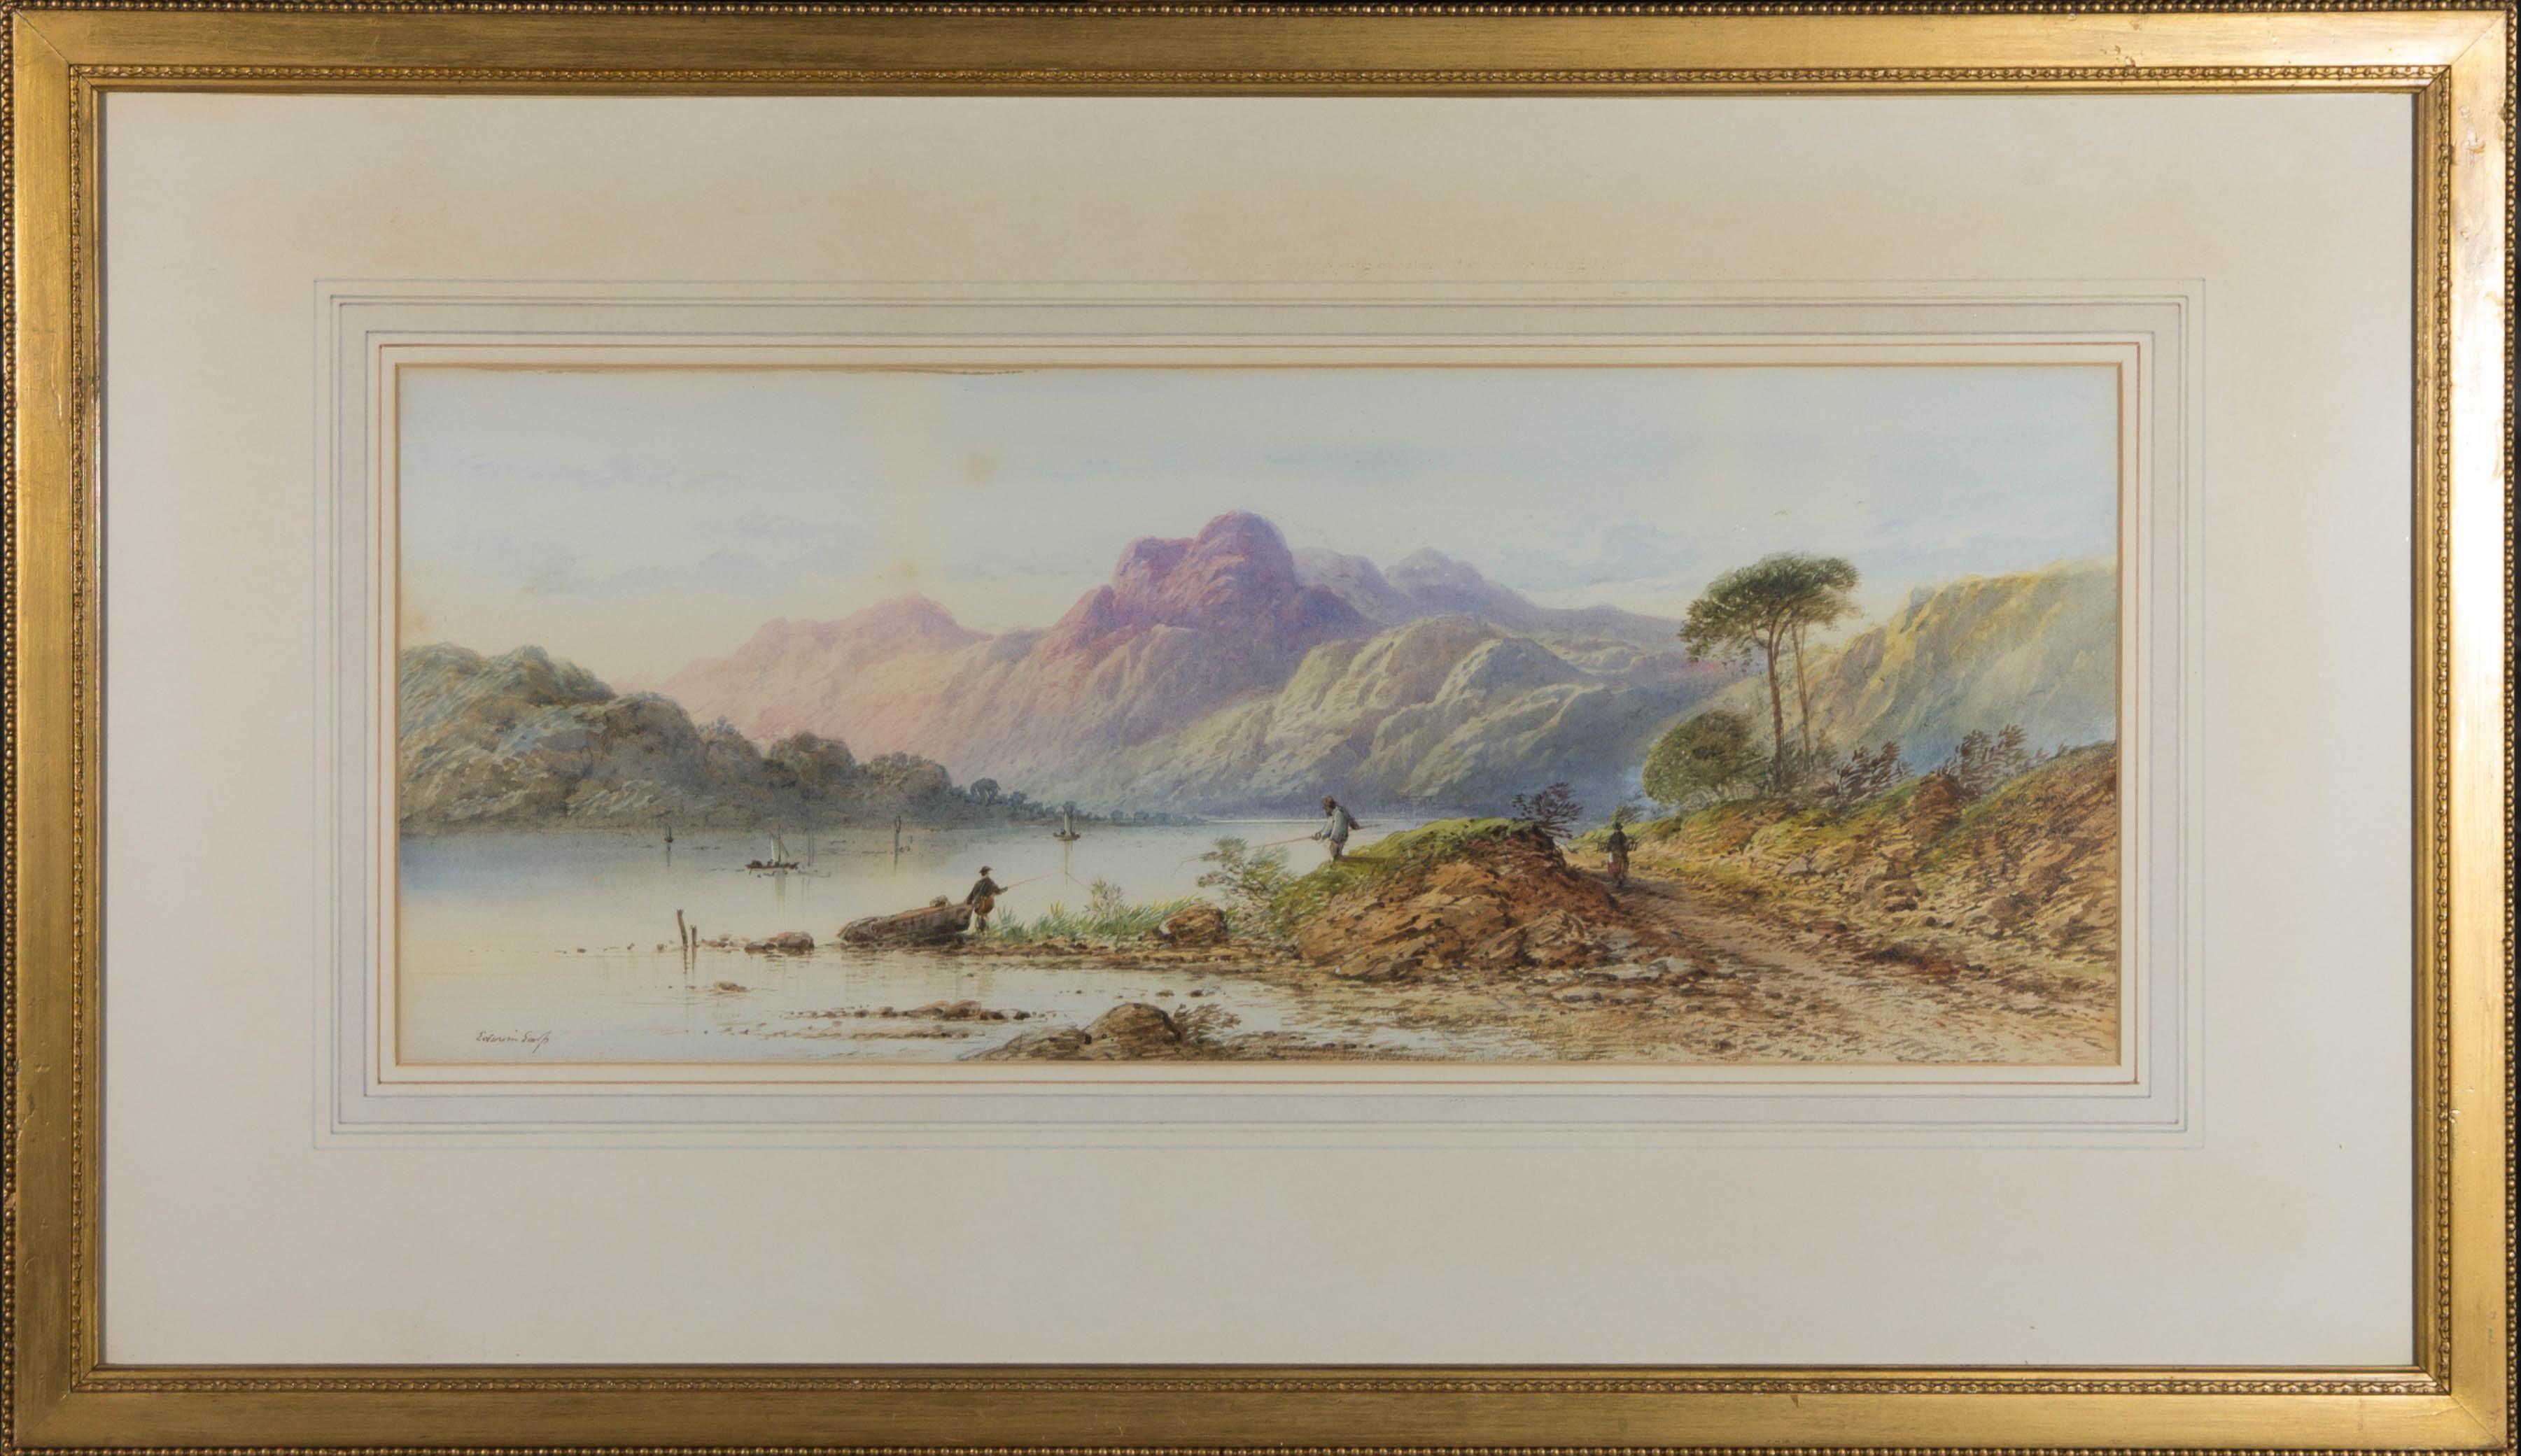 Edwin Earp (1851-1945) - Early 20th Century Watercolour, Fishermen